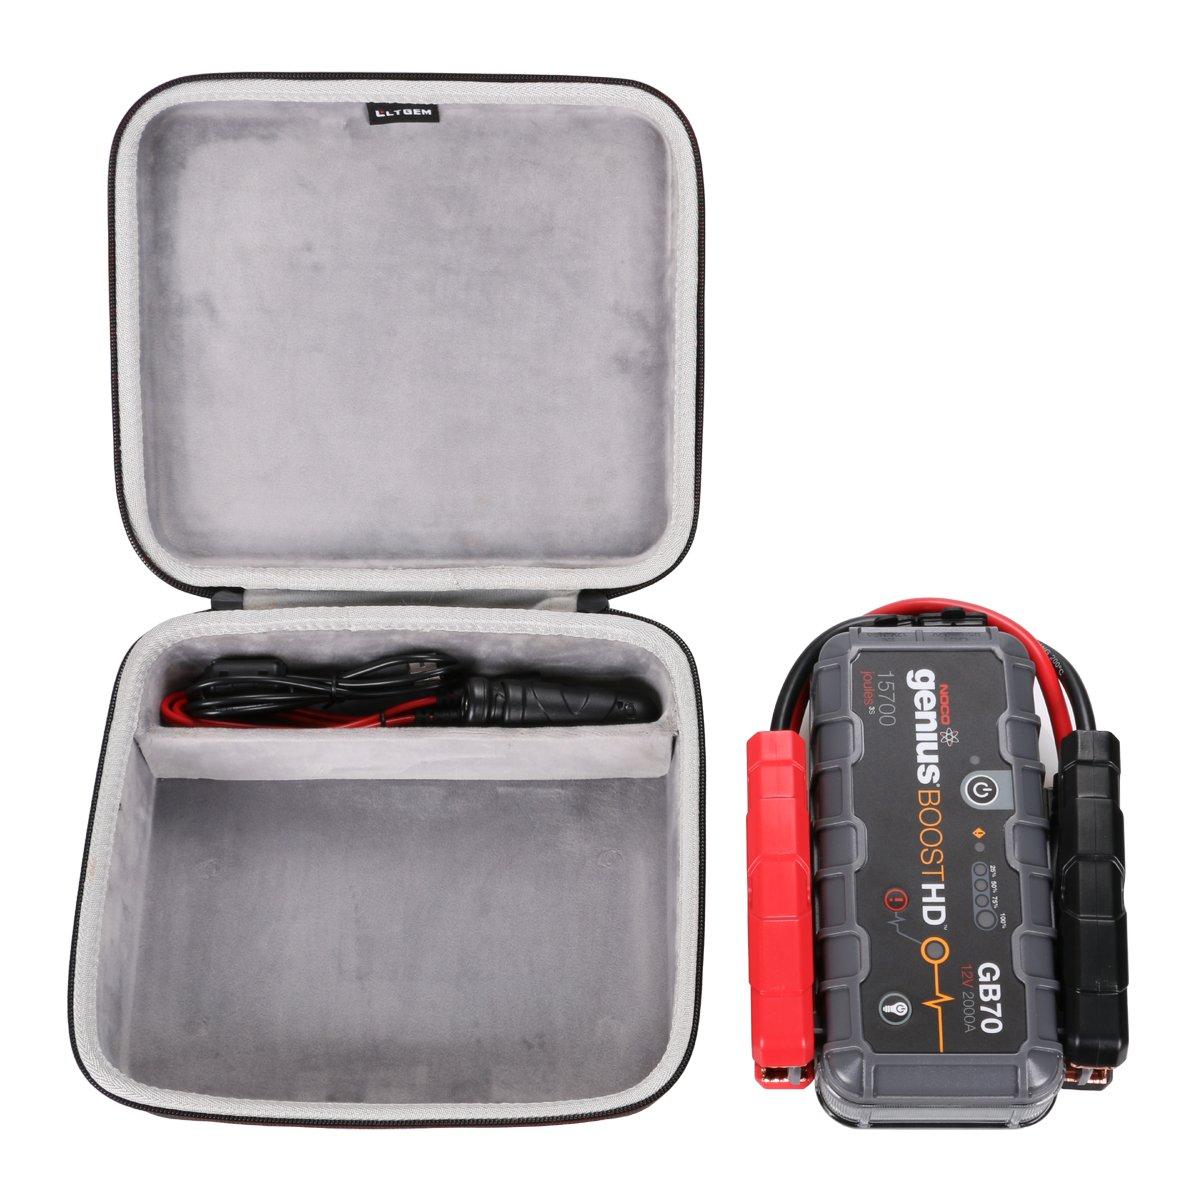 LTGEM EVA Hard Case Compatible with NOCO Genius Boost HD GB70 2000 Amp 12V UltraSafe Lithium Jump Starter